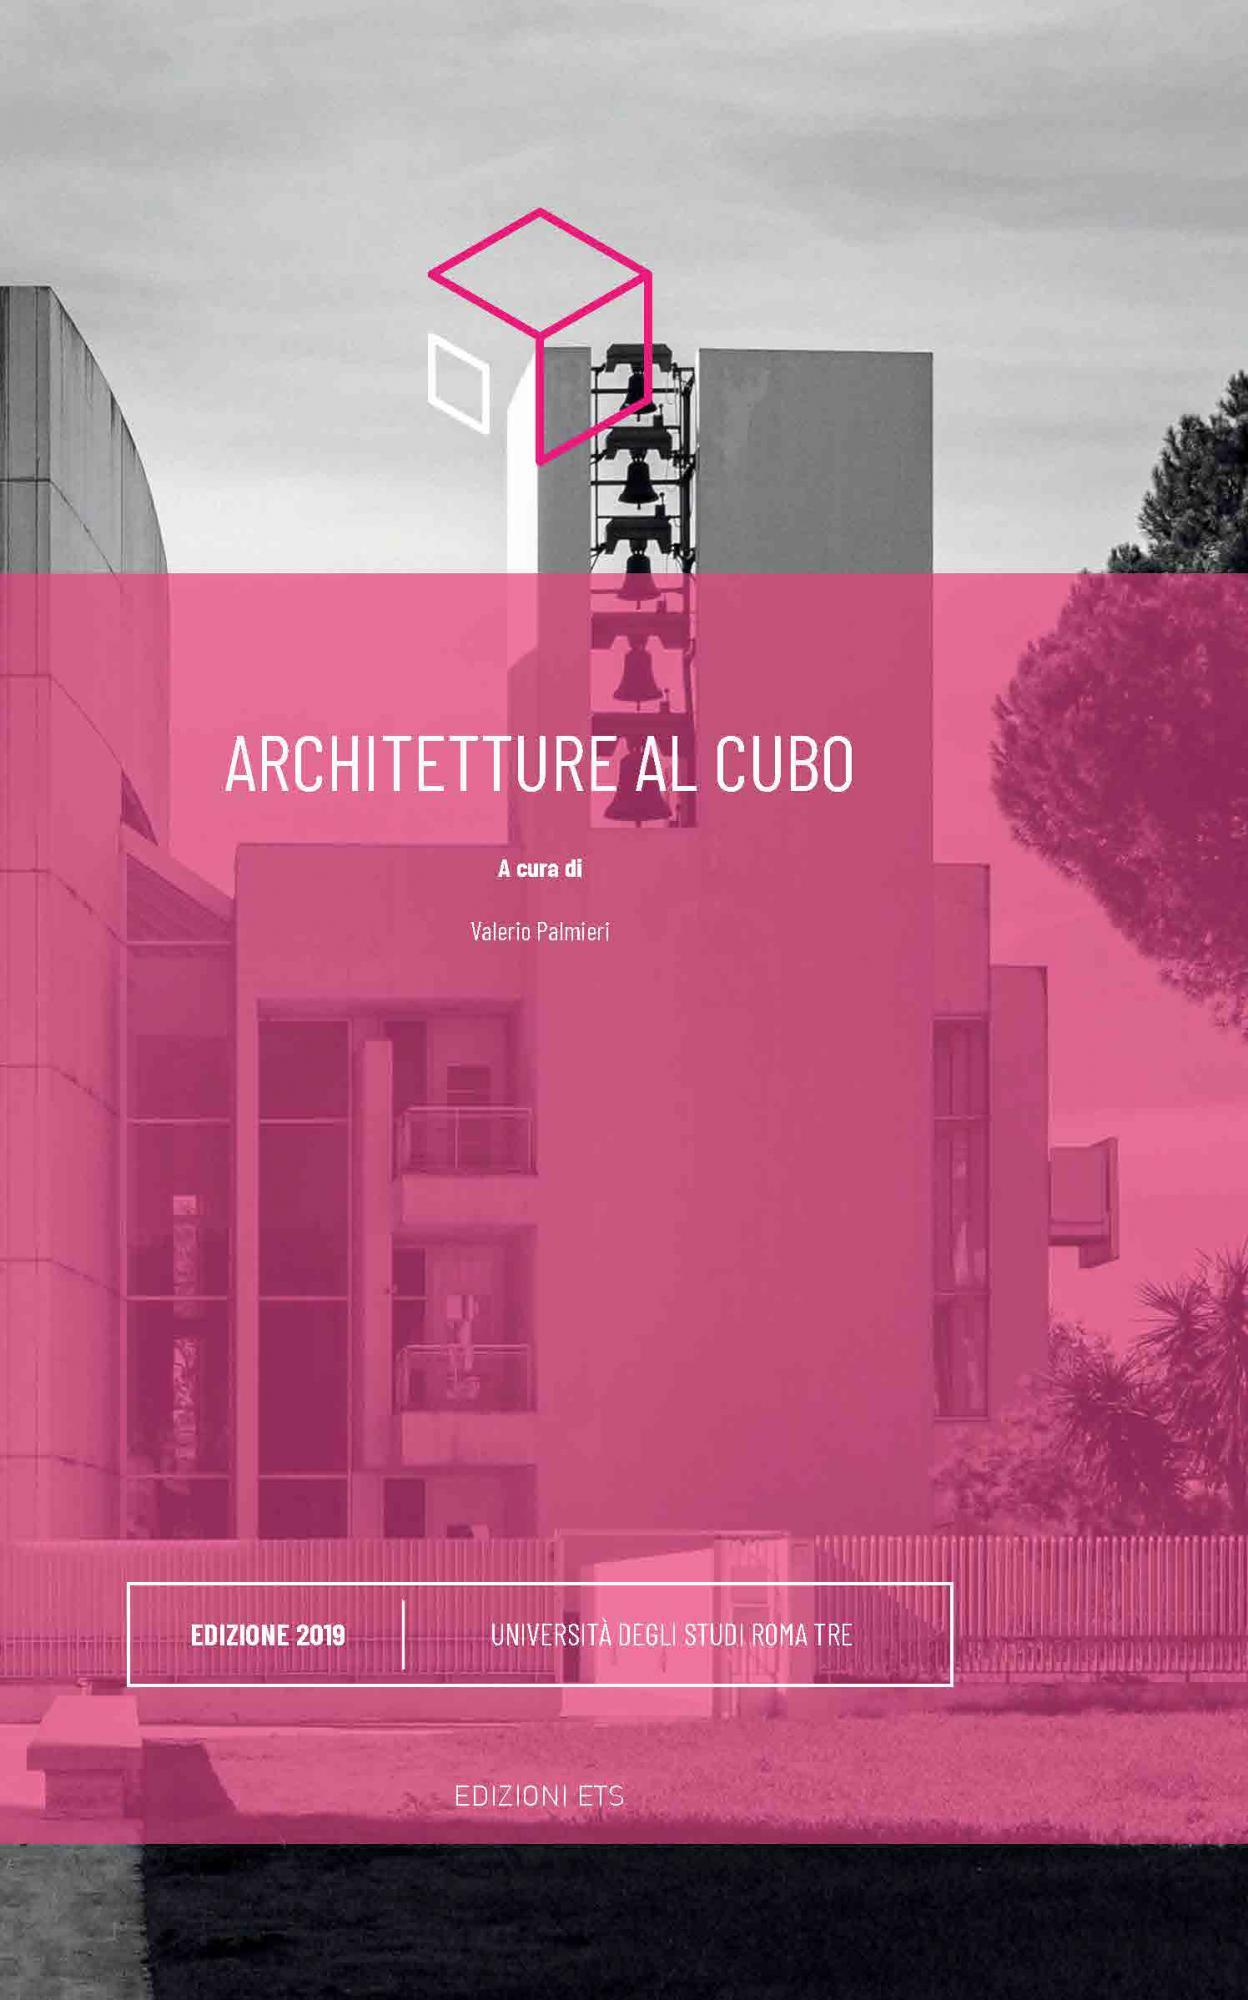 Architetture al cubo 2019 - <em>novità in arrivo</em>